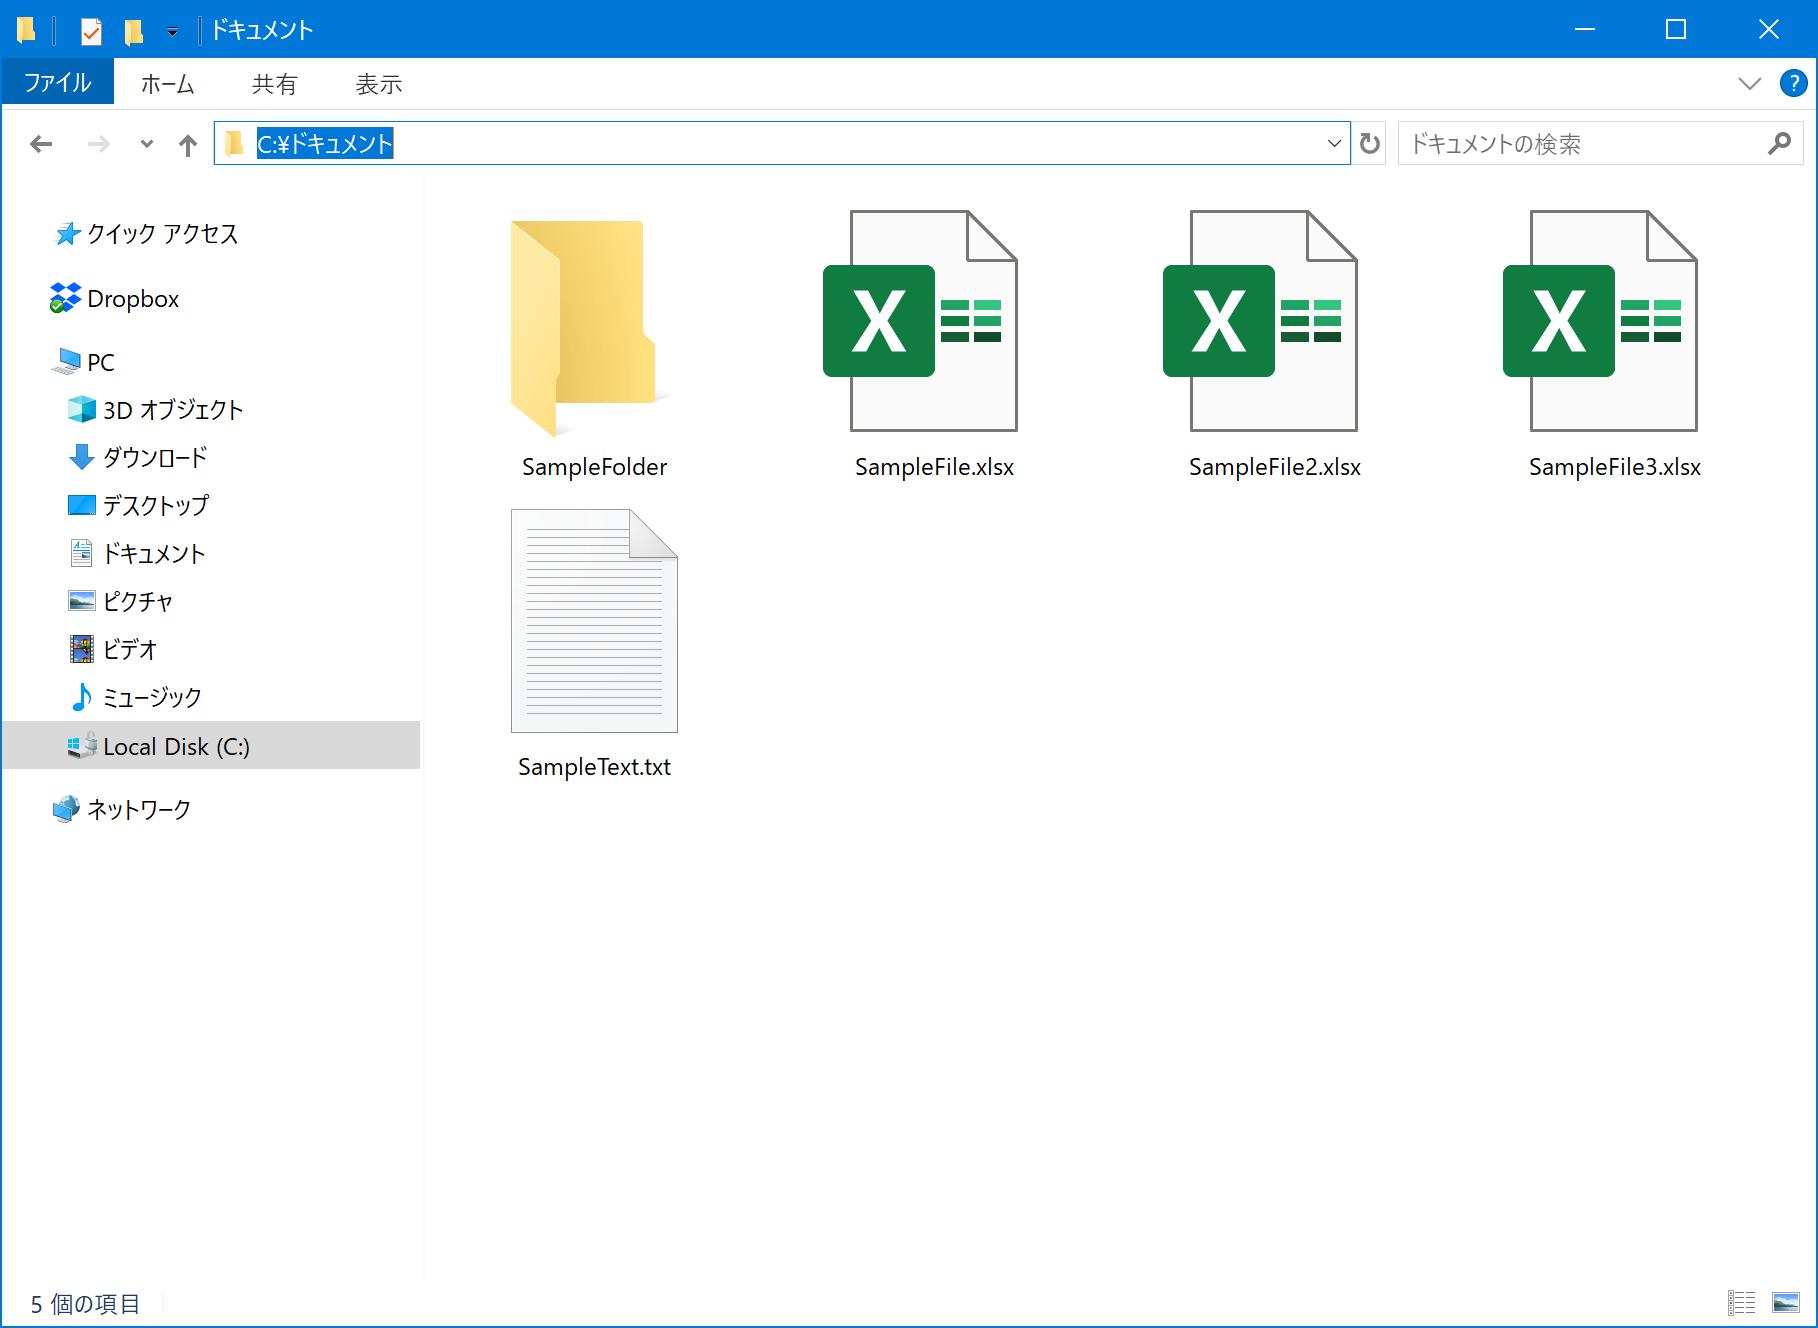 08_VBADir関数ファイル一覧取得フォルダ内容ワイルドカード